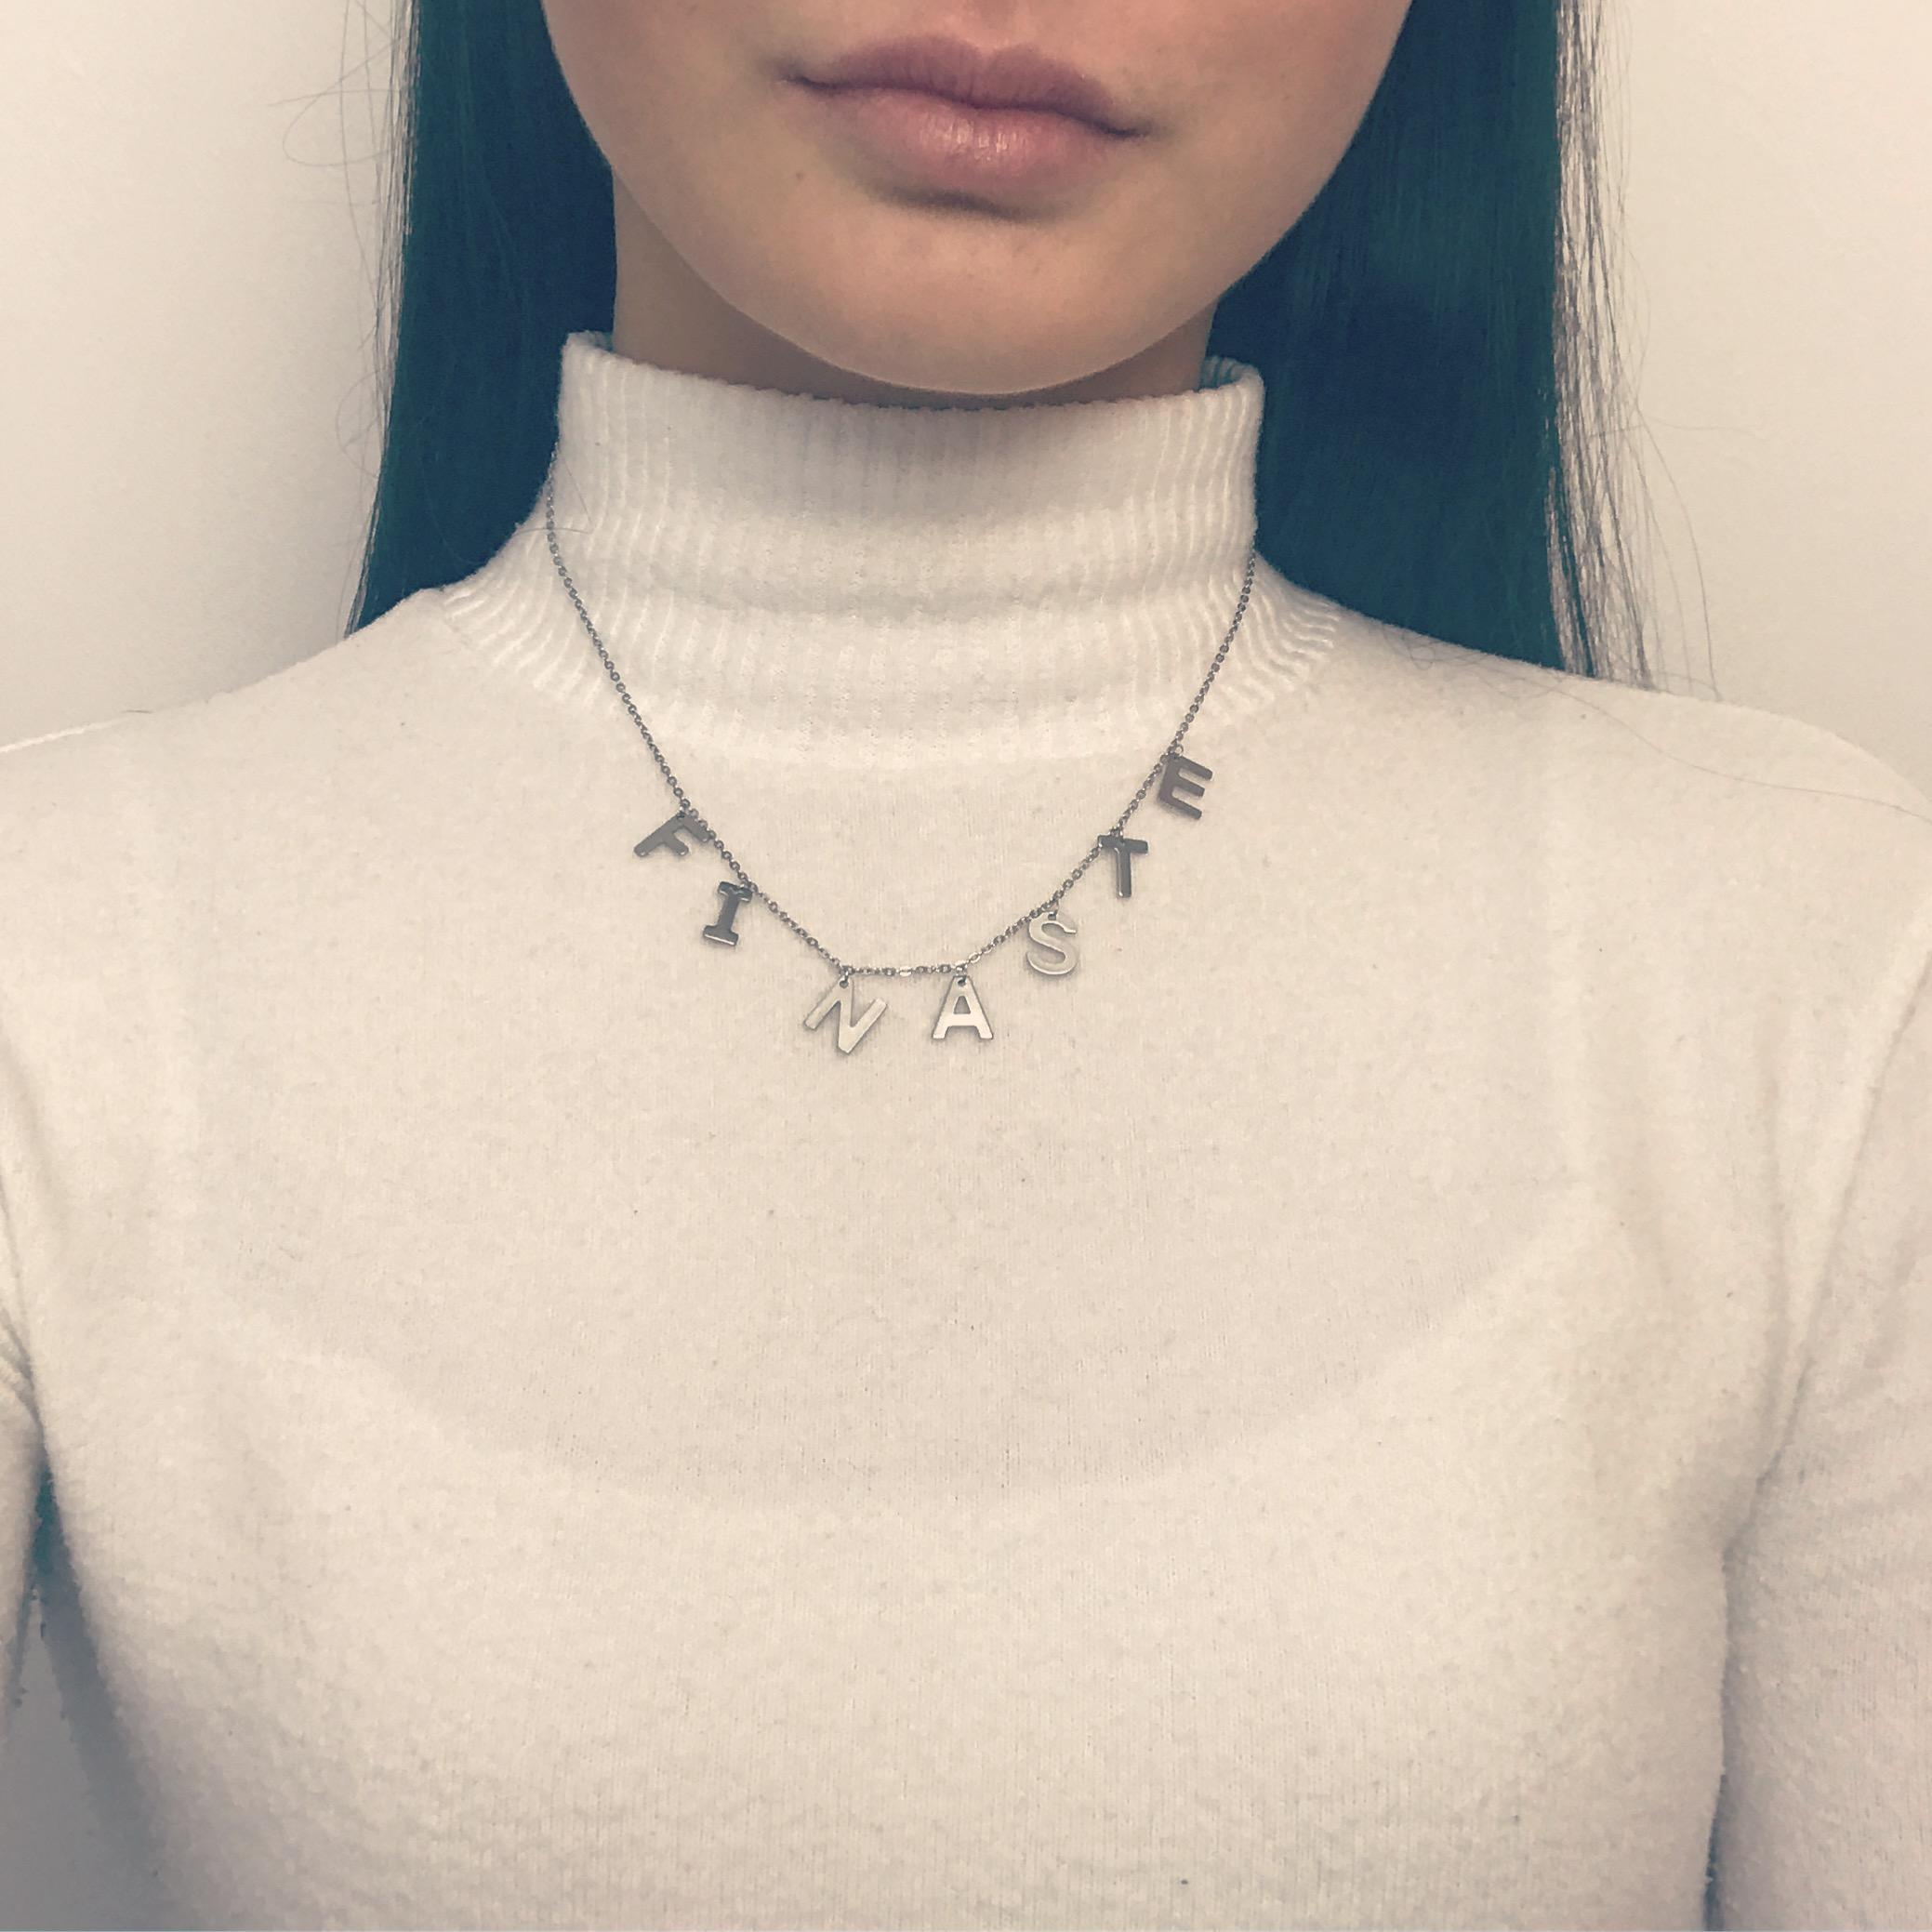 Meisje draagt zilveren ketting met finaste